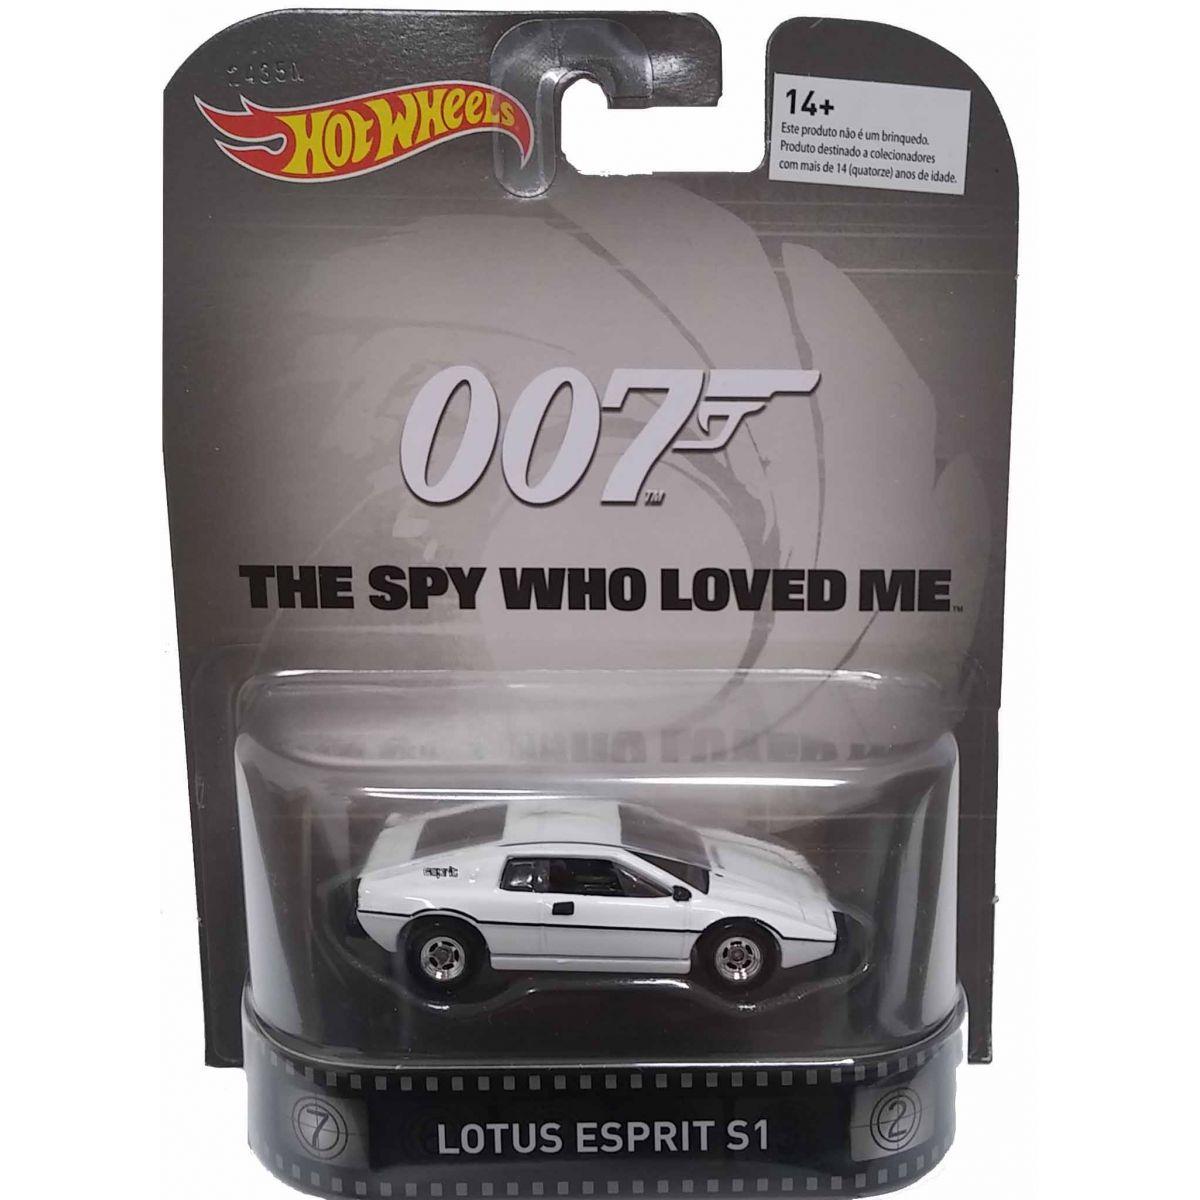 Hot Wheels Especial Colecionador – Lotus Esprit S1 do Filme 007 - O Espião que me amava.